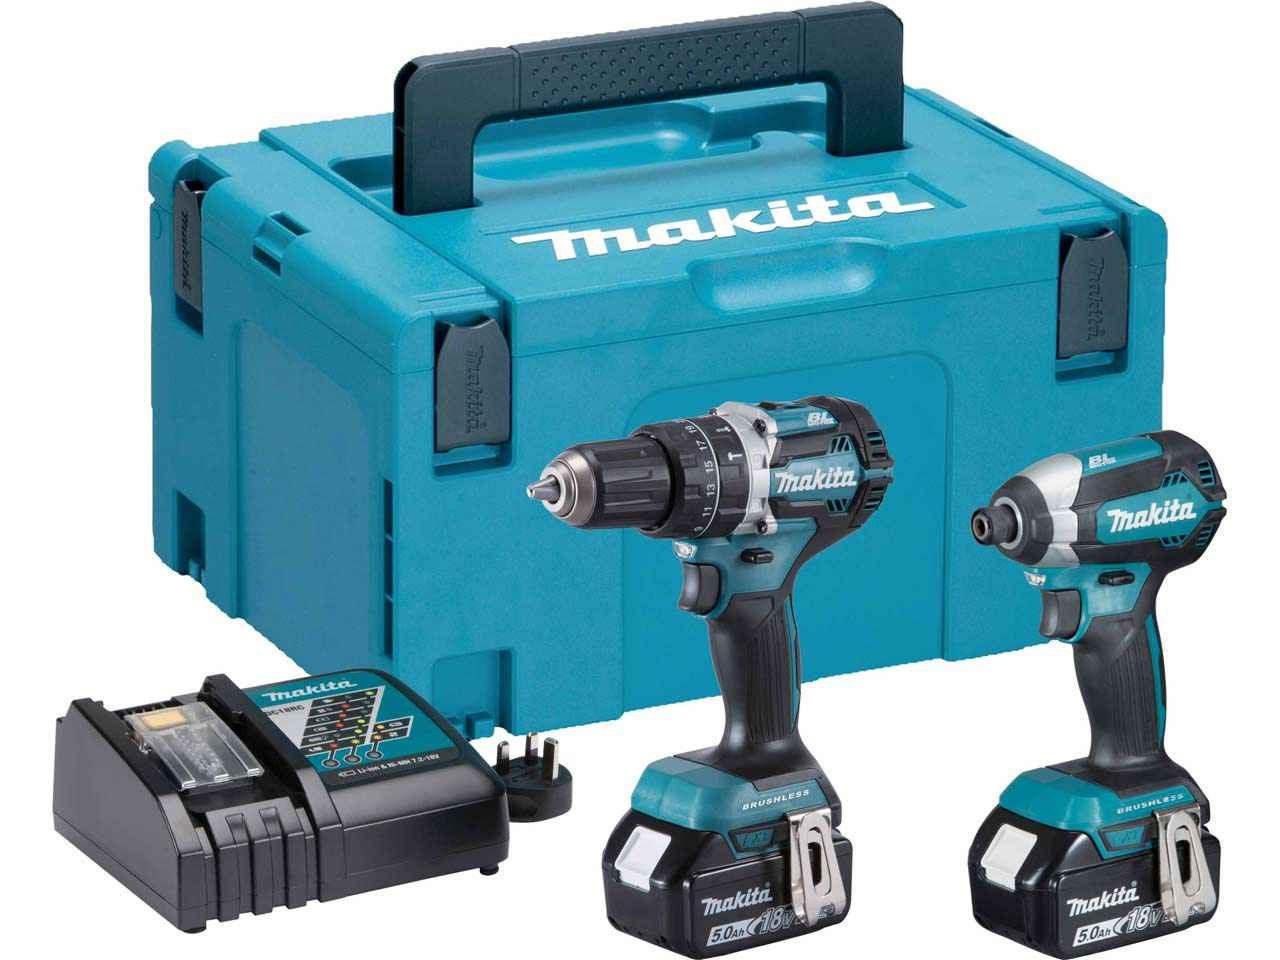 Makita DLX2180TJ 18v 2x5Ah LXT Li-ion Combi Drill Impact Driver Kit